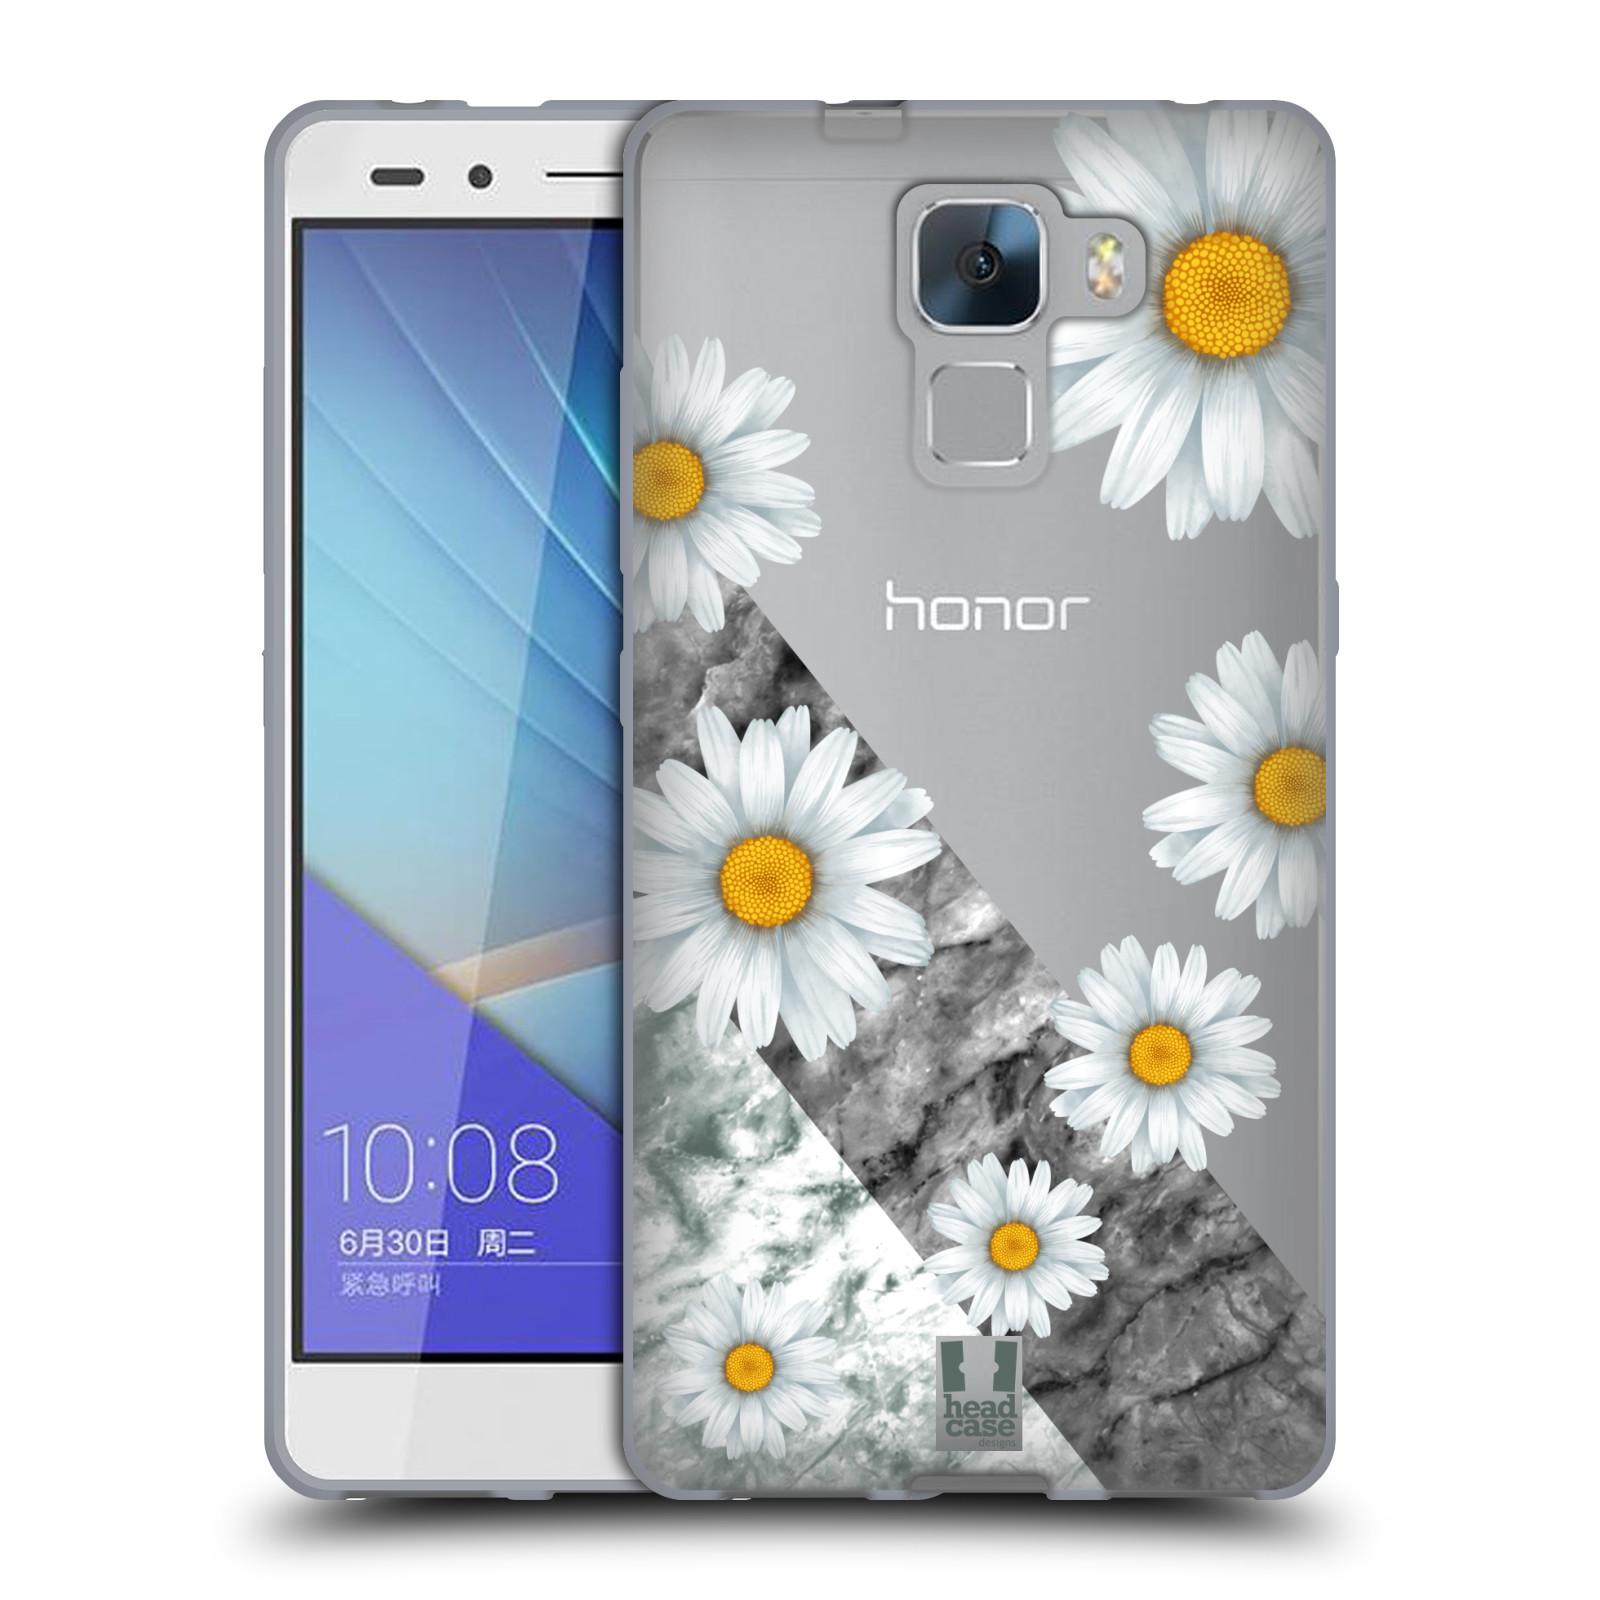 Silikonové pouzdro na mobil Honor 7 - Head Case - Kopretiny a mramor